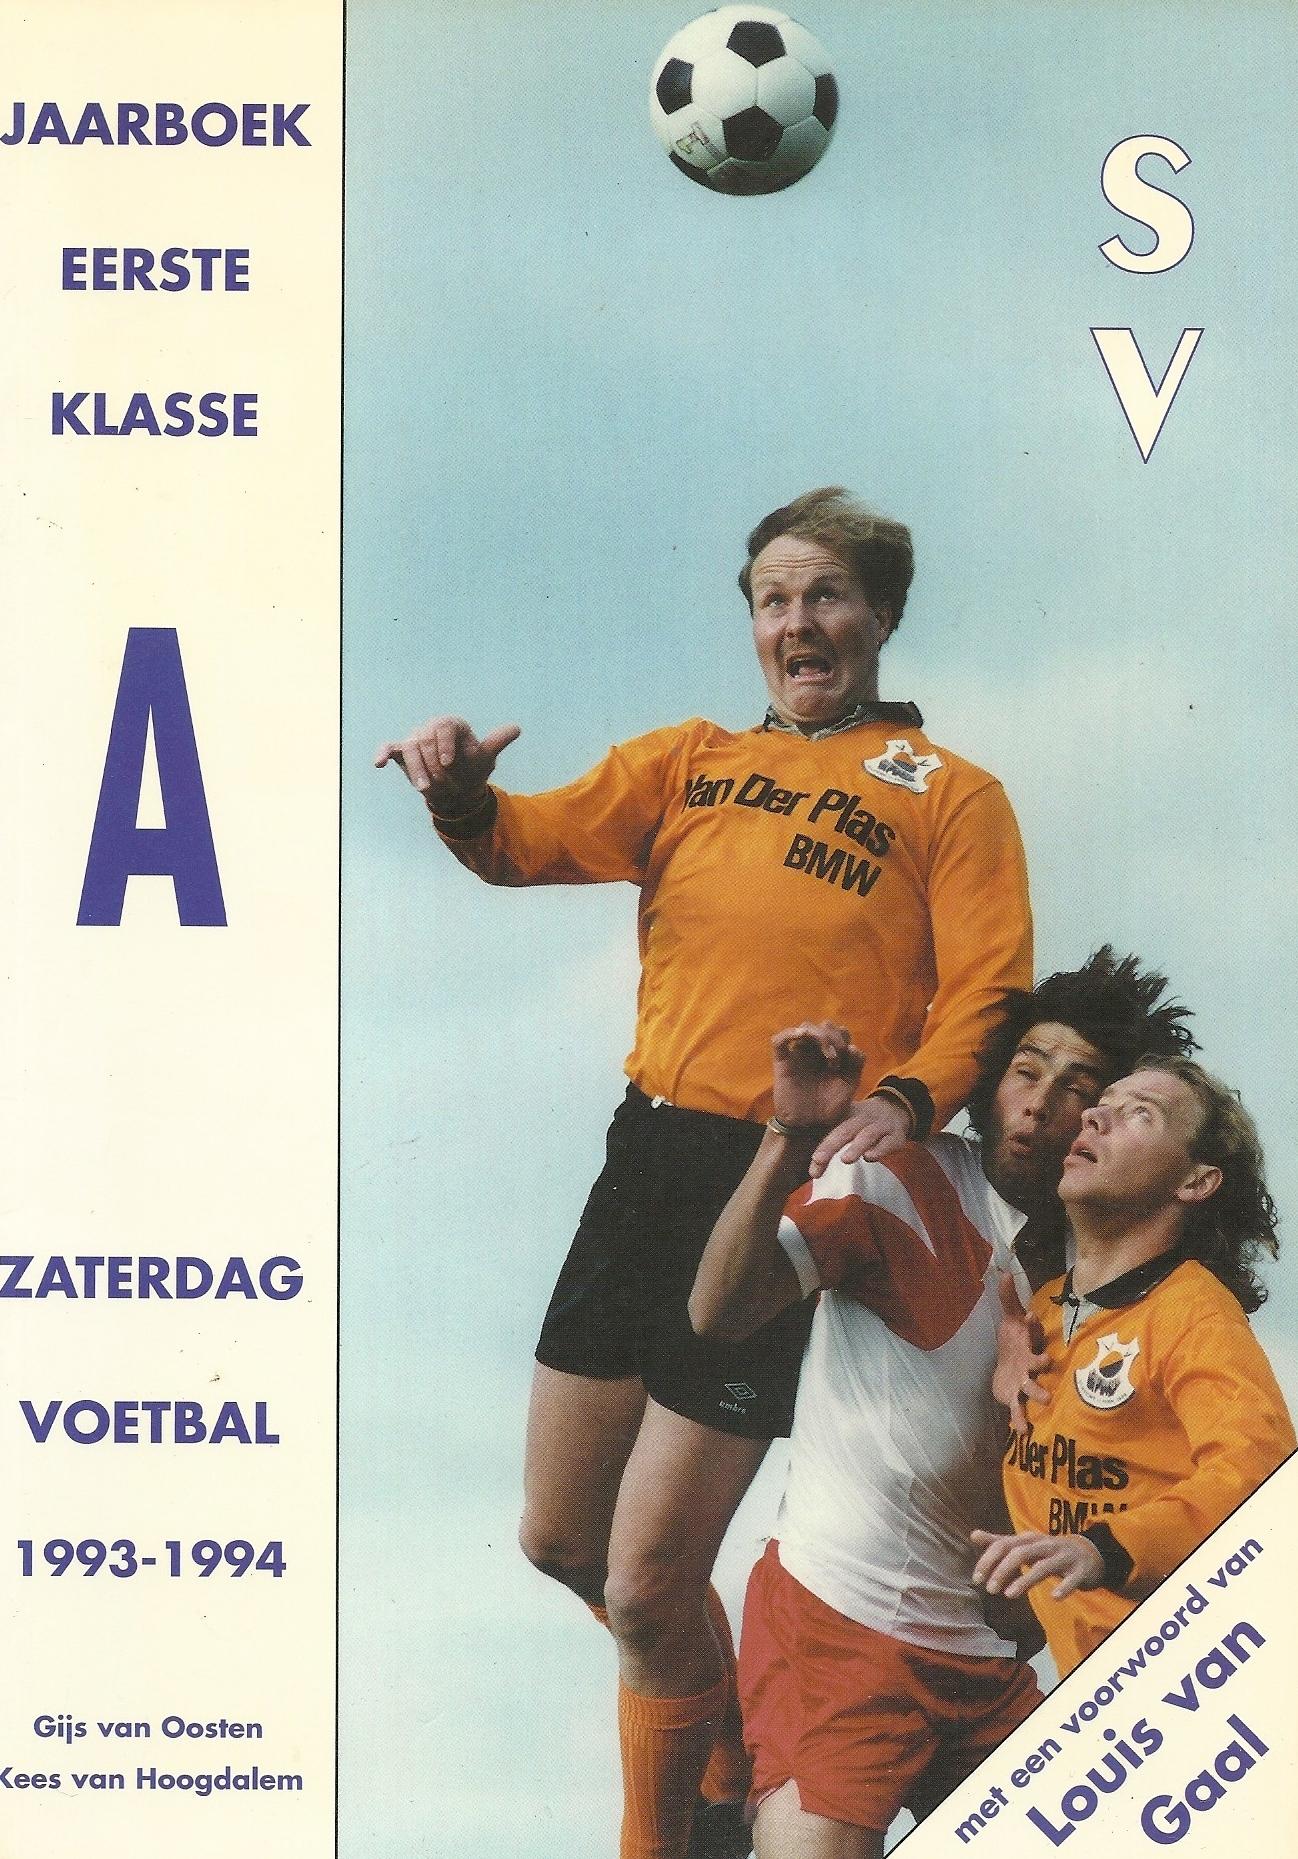 GIJS VAN OOSTEN en KEES VAN HOOGDALEM - Jaarboek Eerste Klasse -Zaterdagvoetbal 1993-1994